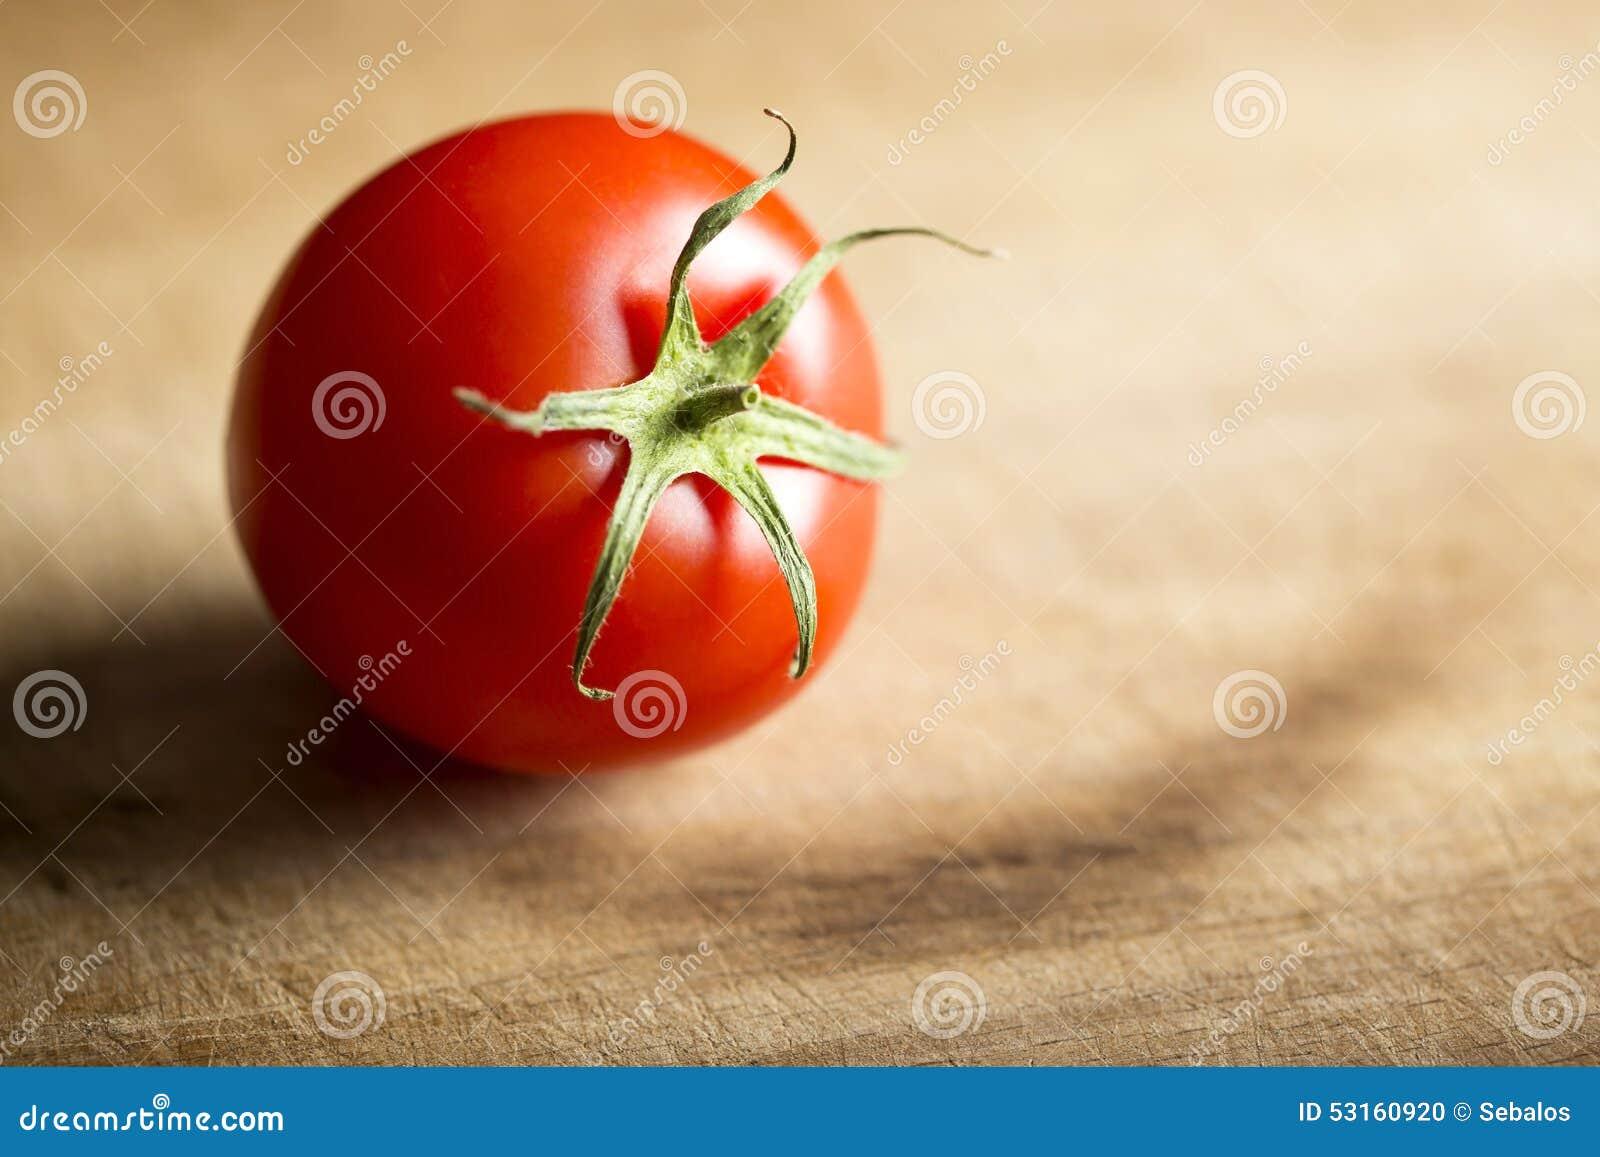 penes maduros consejos de fotografa um tomate maduro foto